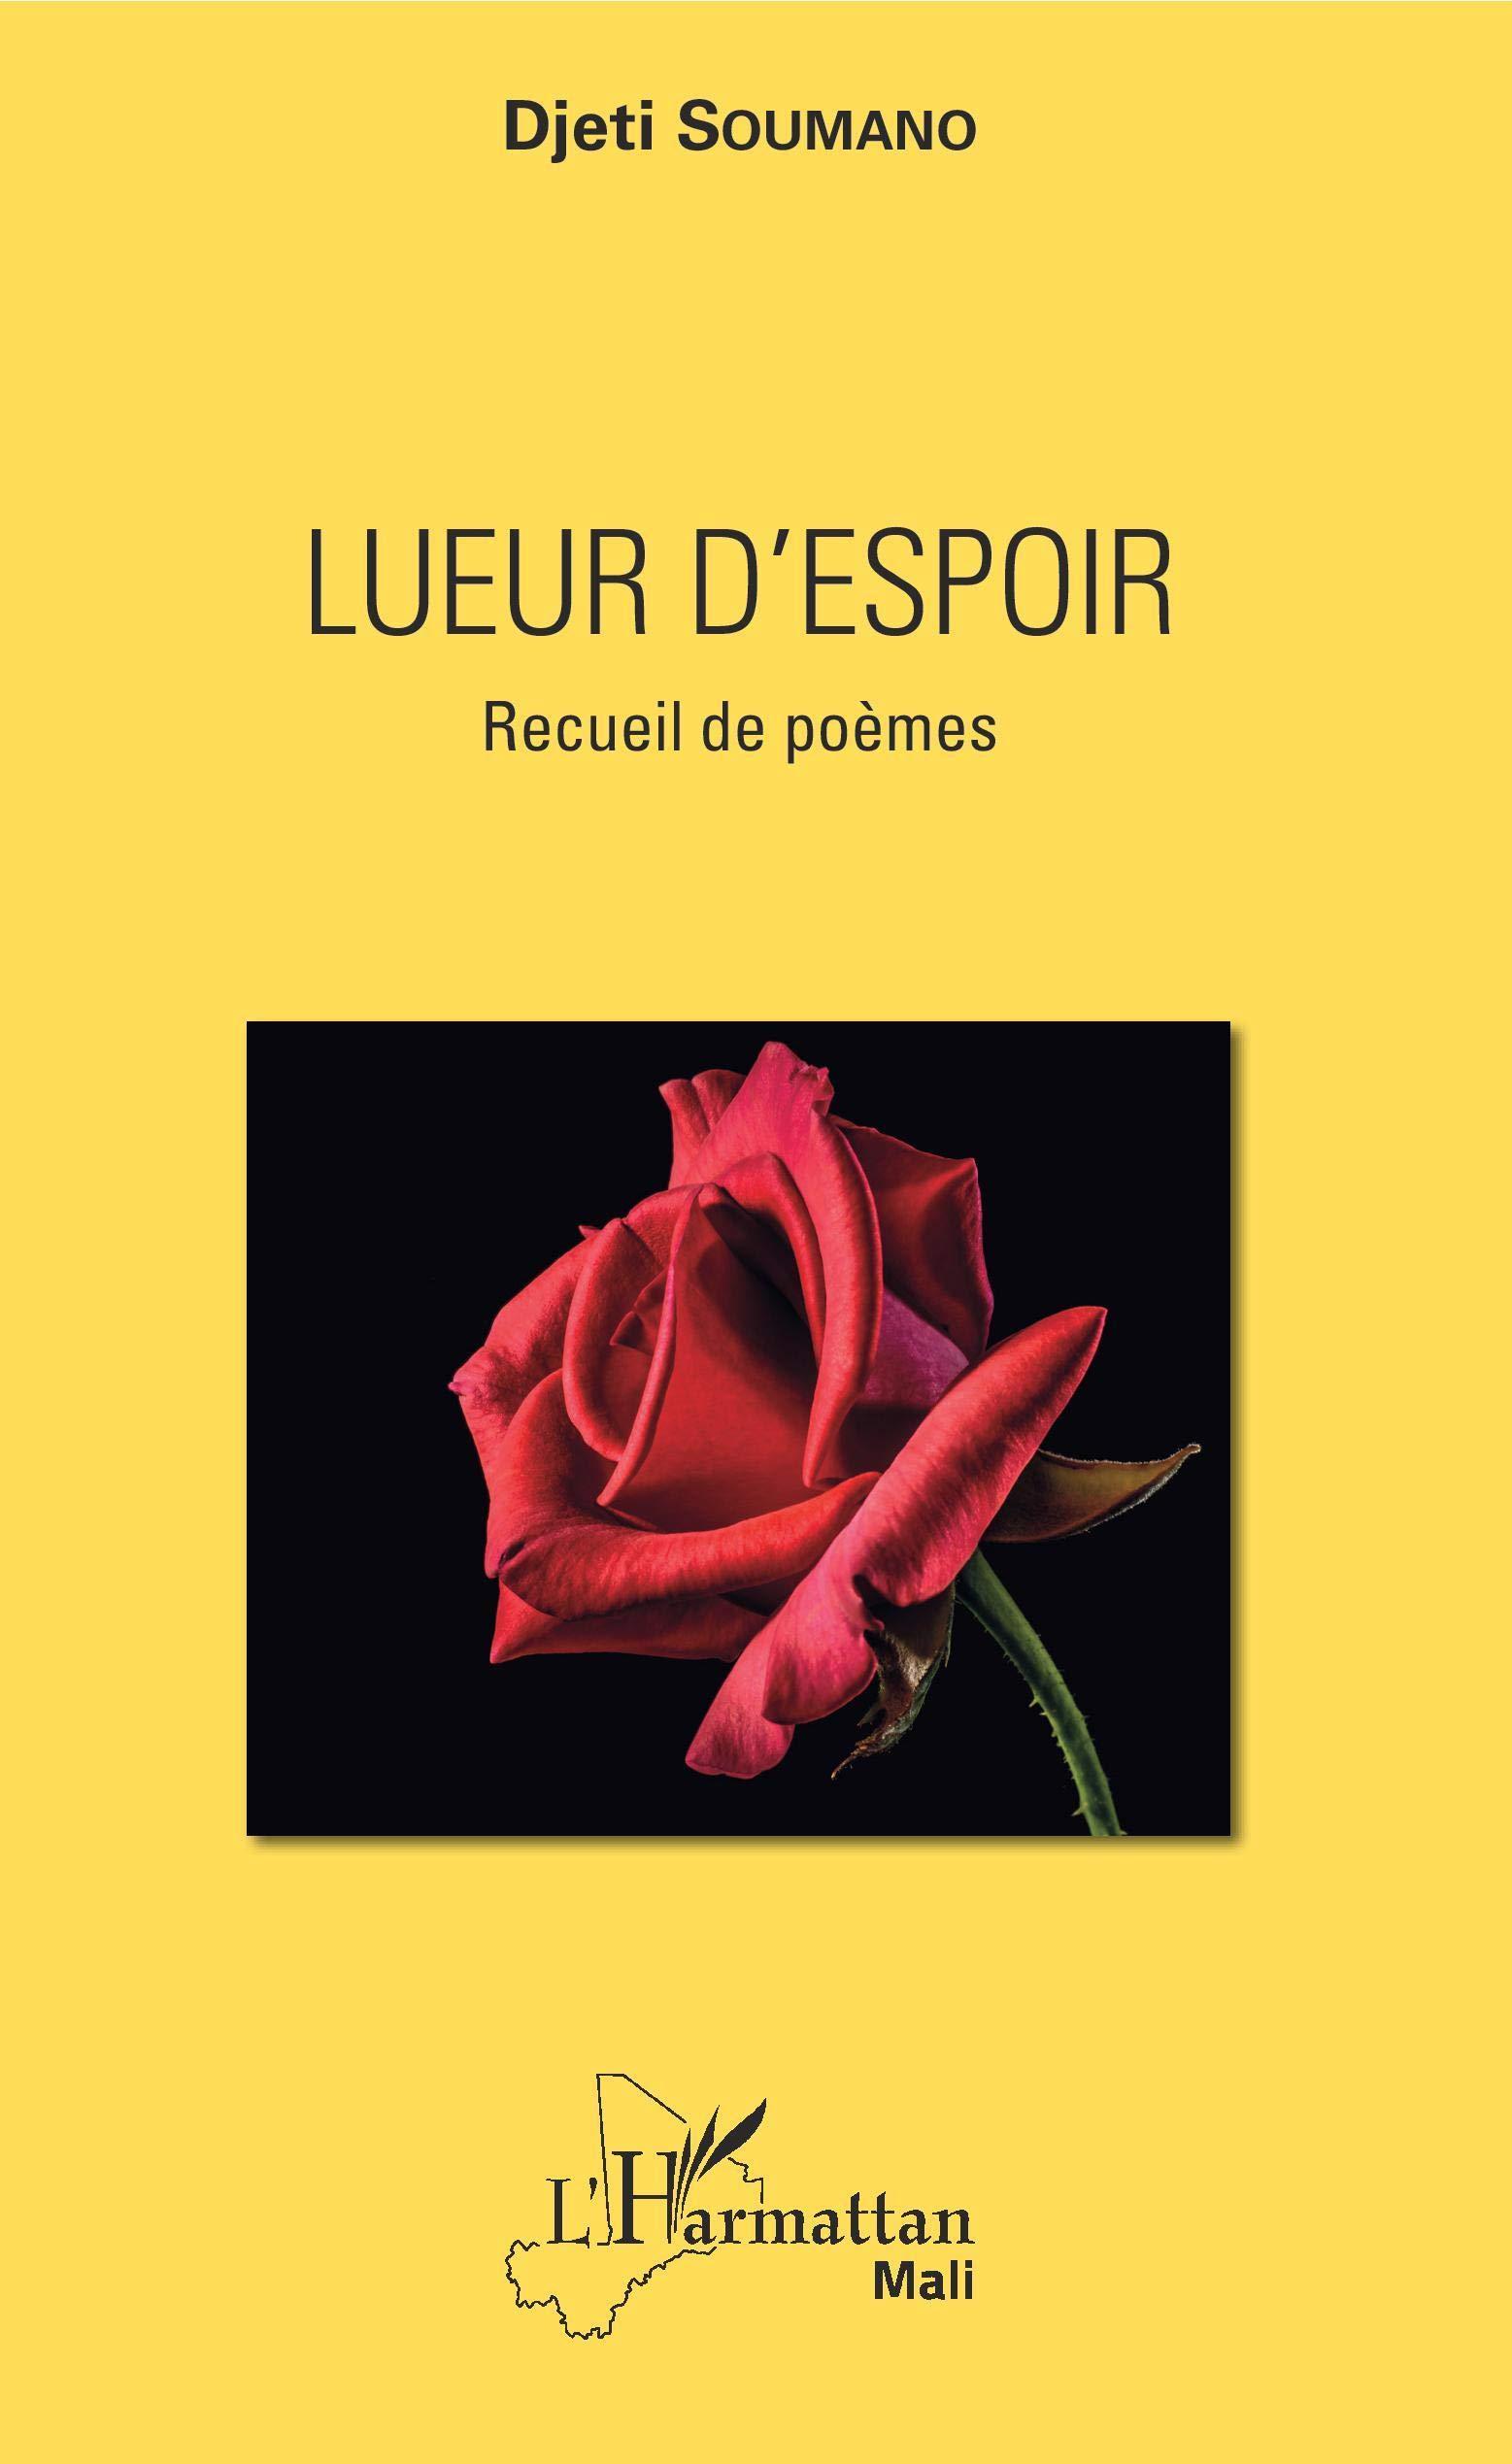 Lueur Despoir Recueil De Poèmes Amazones Djeti Soumano